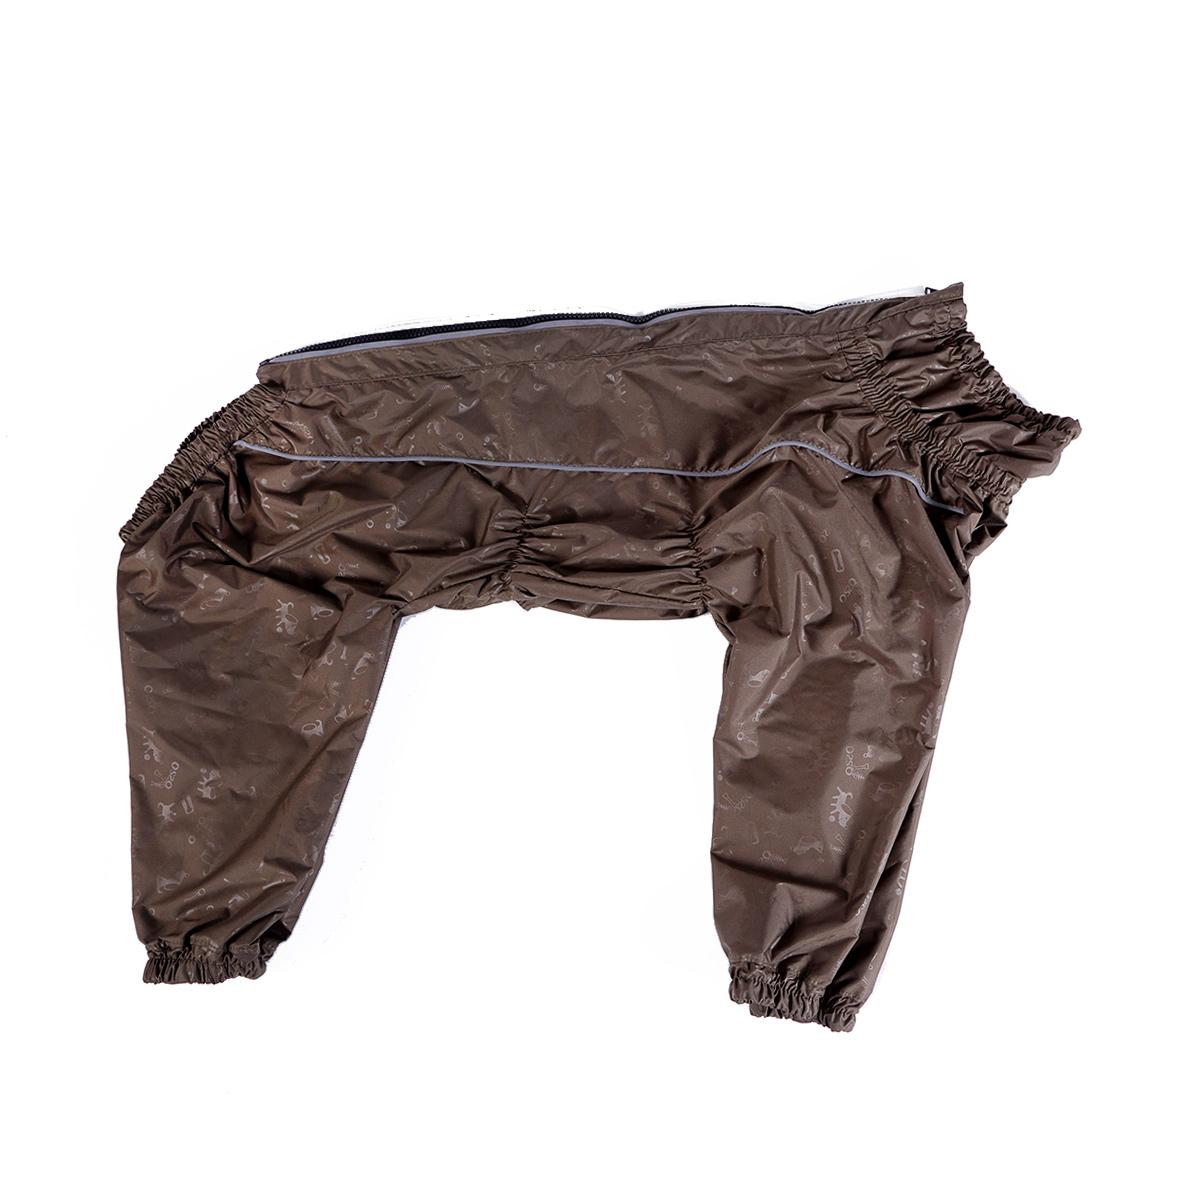 Комбинезон для собак OSSO Fashion, для мальчика, цвет: хаки. Размер 55К-1022-хакиКомбинезон для собак без подкладки из водоотталкивающей и ветрозащитной ткани (100% полиэстер). Предназначен для прогулок в межсезонье, в сырую погоду для защиты собаки от грязи и воды. В комбинезоне используется отделка со светоотражающим кантом и тракторная молния со светоотражающей полосой. Комбинезон для собак эргономичен, удобен, не сковывает движений собаки при беге, во время игры и при дрессировке. Комфортная посадка по корпусу достигается за счет резинок-утяжек под грудью и животом. На воротнике имеется кнопка для фиксации. От попадания воды и грязи внутрь комбинезона низ штанин также сборен на резинку. Рекомендуется машинная стирка с использованием средства для стирки деликатных тканей при температуре не выше 40?С и загрузке барабана не более чем на 40% от его объема, отжим при скорости не более 400/500 об/мин, сушка на воздухе – с целью уменьшения воздействия на водоотталкивающую (PU) пропитку ткани. Рекомендации по подбору размера: Размер подбирается по длине спины собаки....